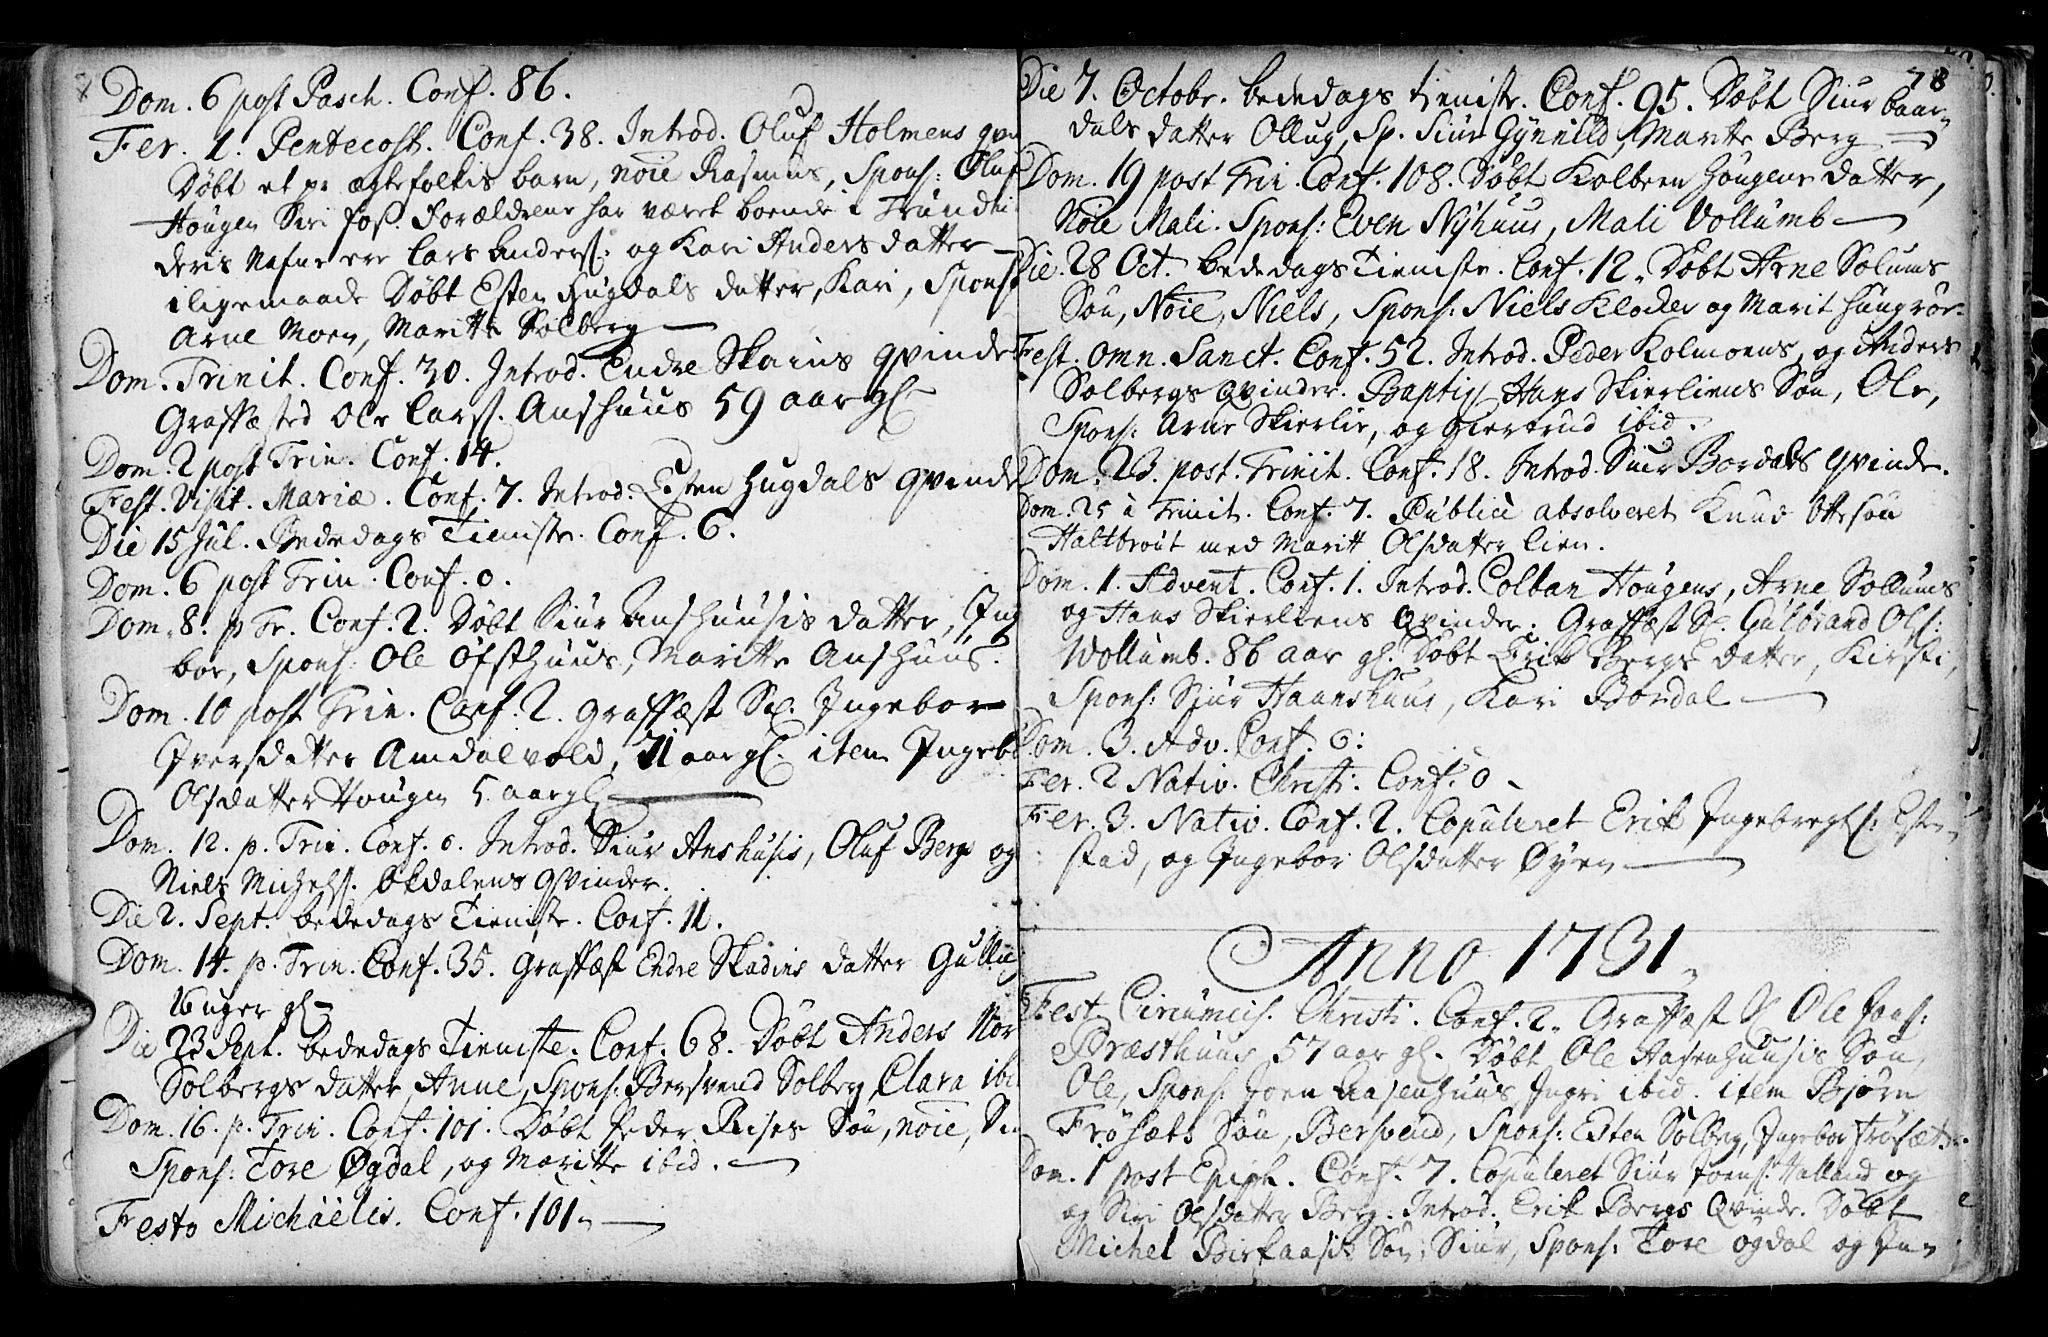 SAT, Ministerialprotokoller, klokkerbøker og fødselsregistre - Sør-Trøndelag, 689/L1036: Ministerialbok nr. 689A01, 1696-1746, s. 78